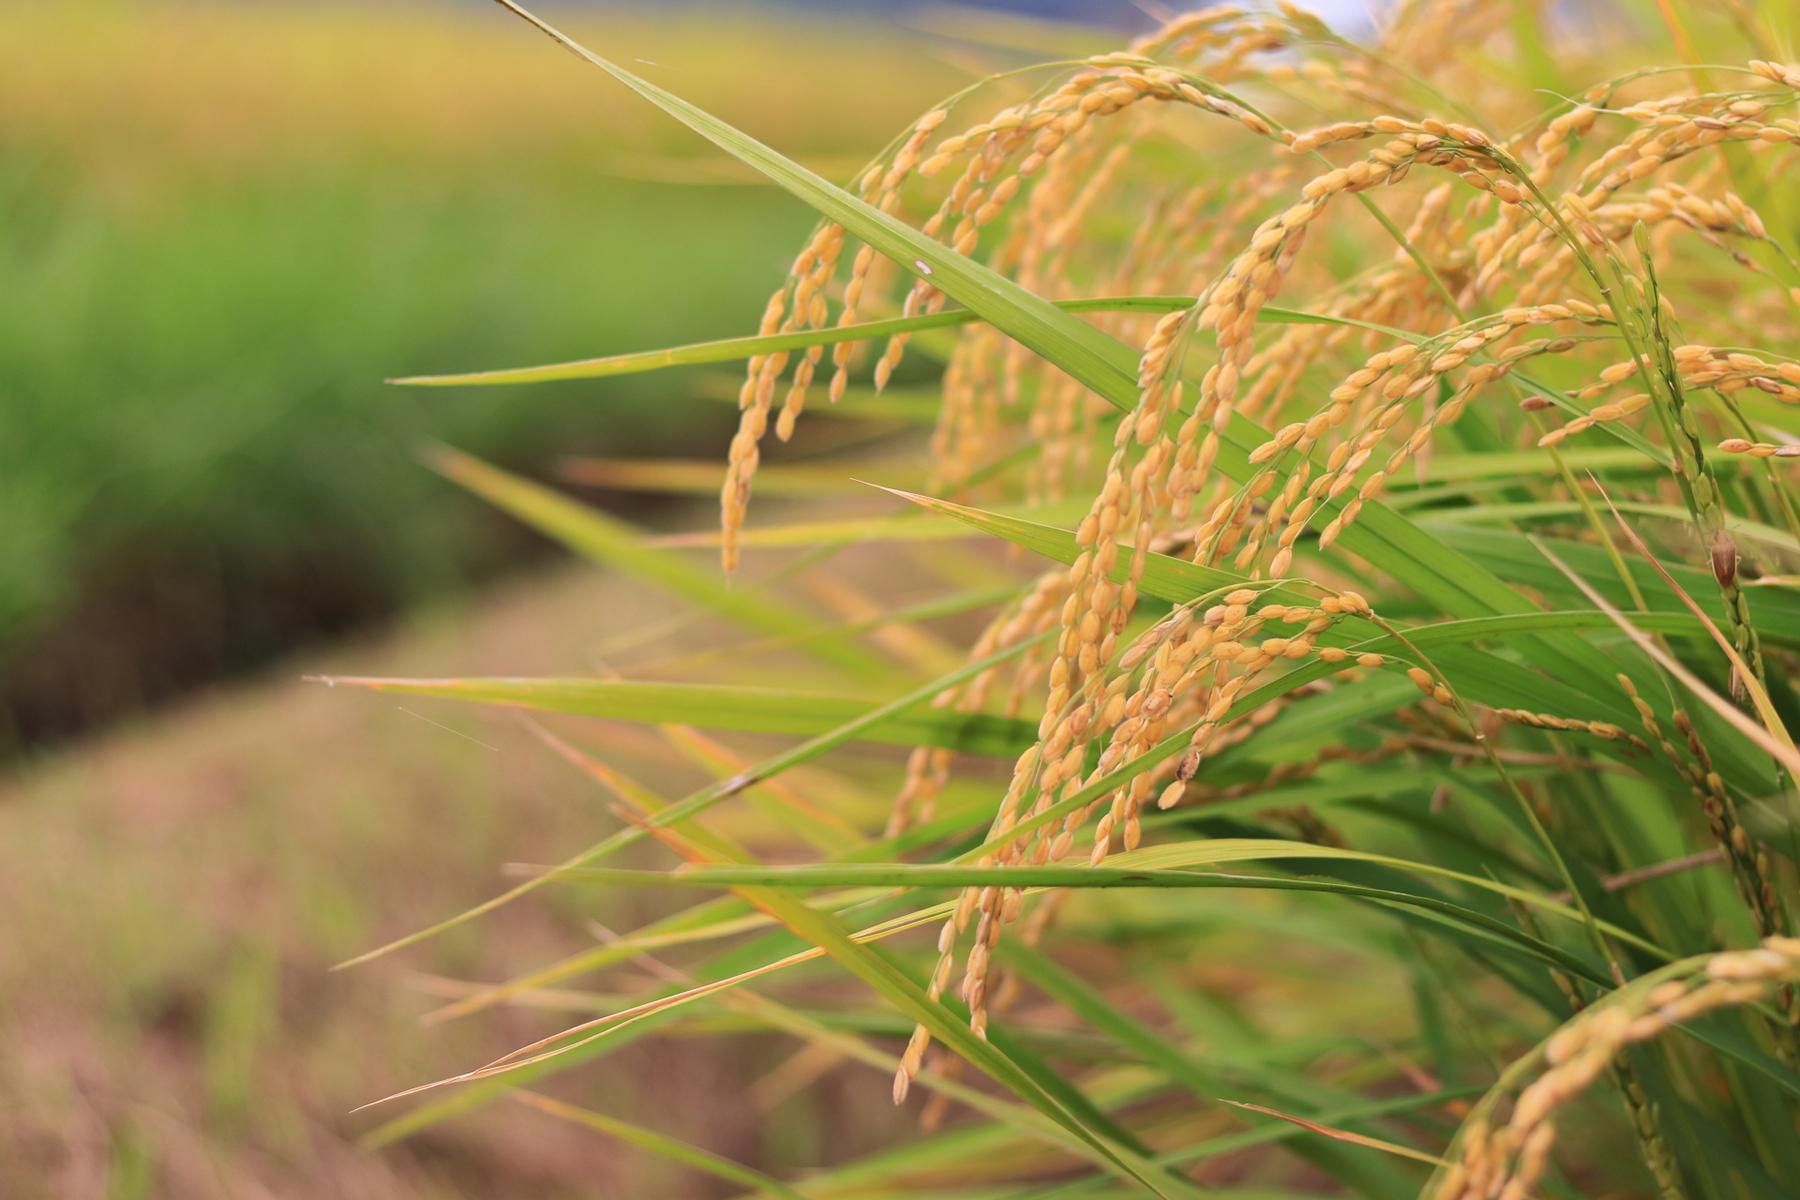 収穫前の稲穂の写真